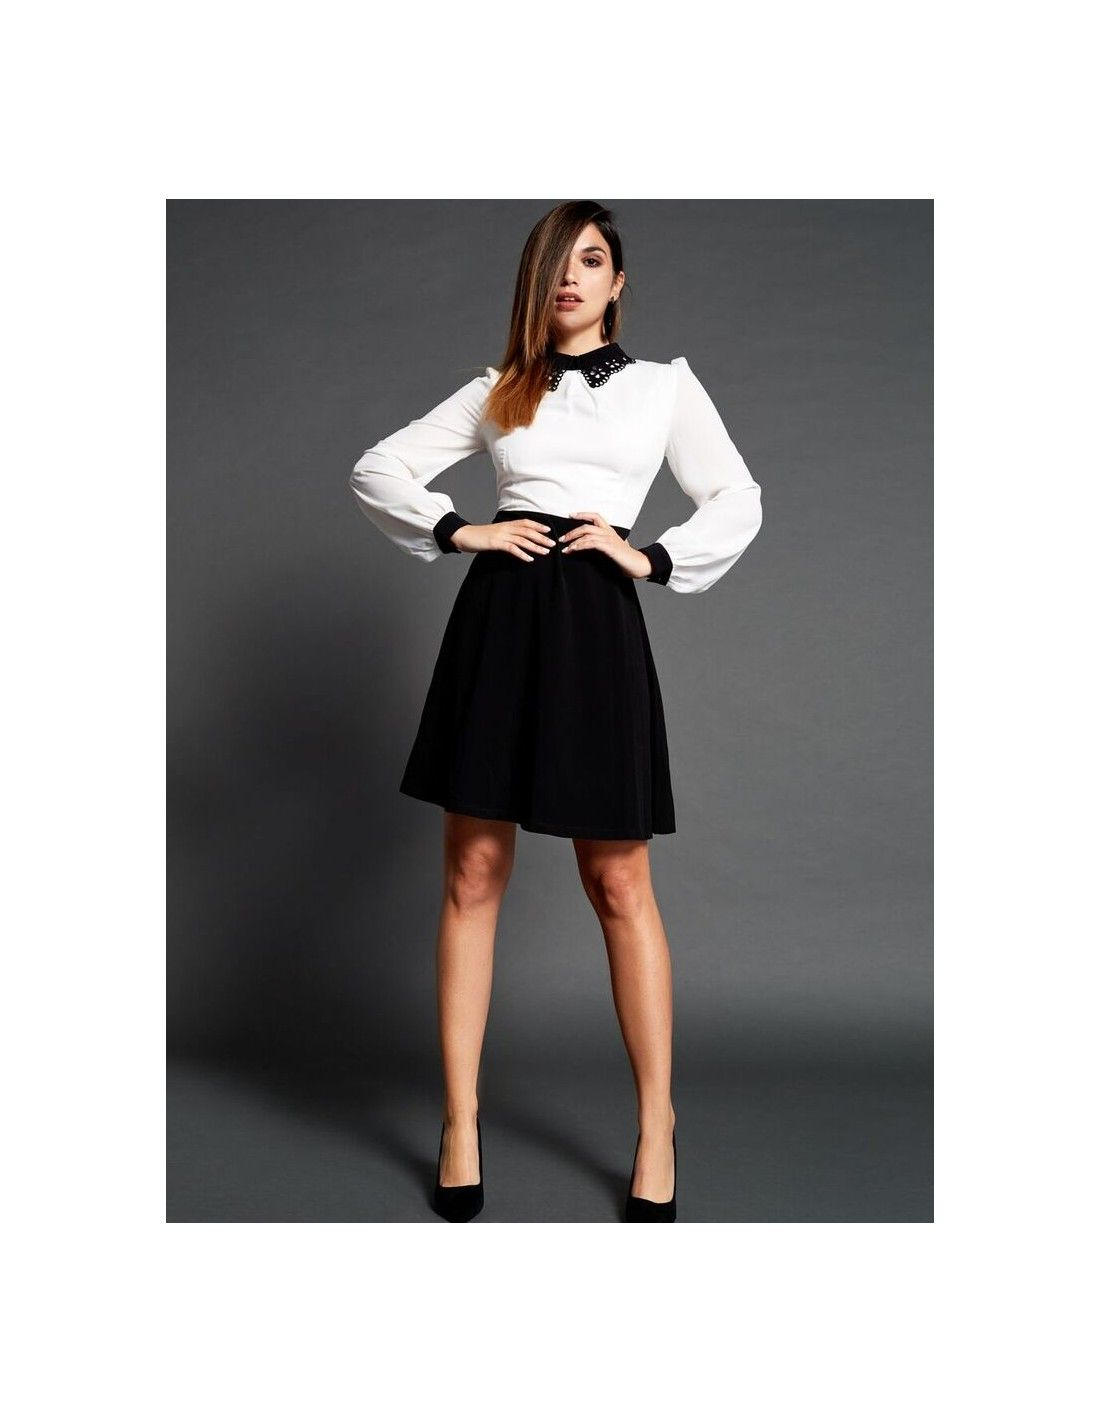 Vestido Malabo - Vestido bicolor en blanco y negro. Detalle de cuello en  negro troquelado aa24b2b4cd56